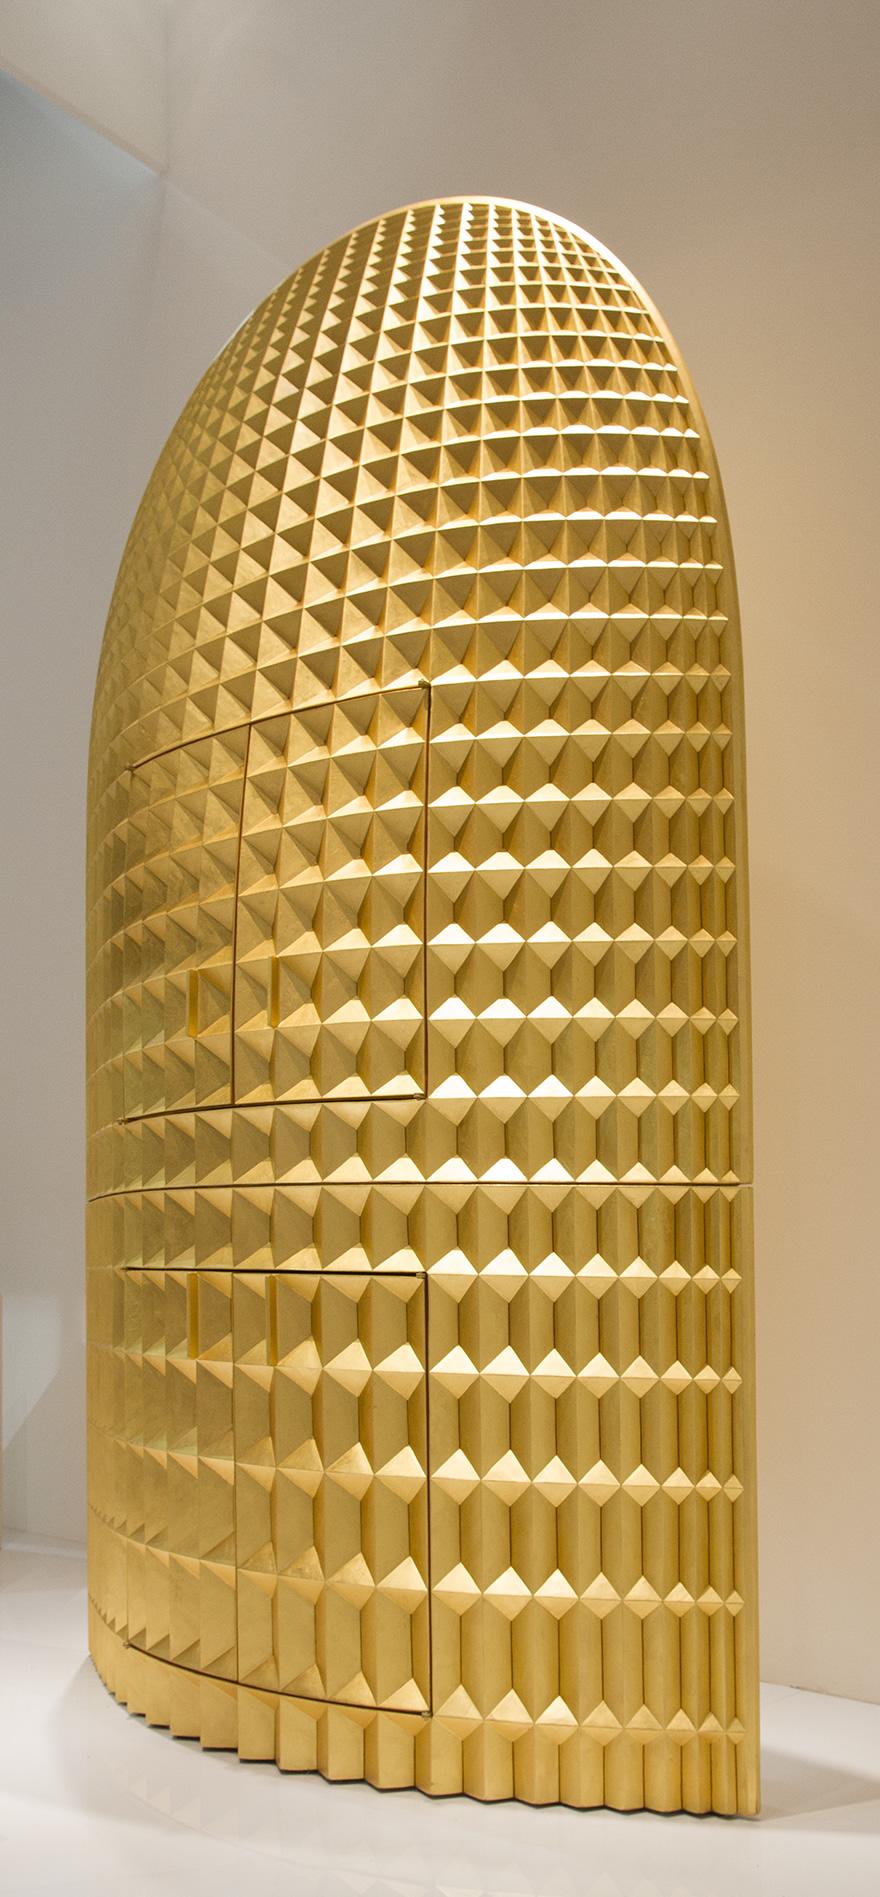 Versione speciale della Madia Intagliata, completamente dorata